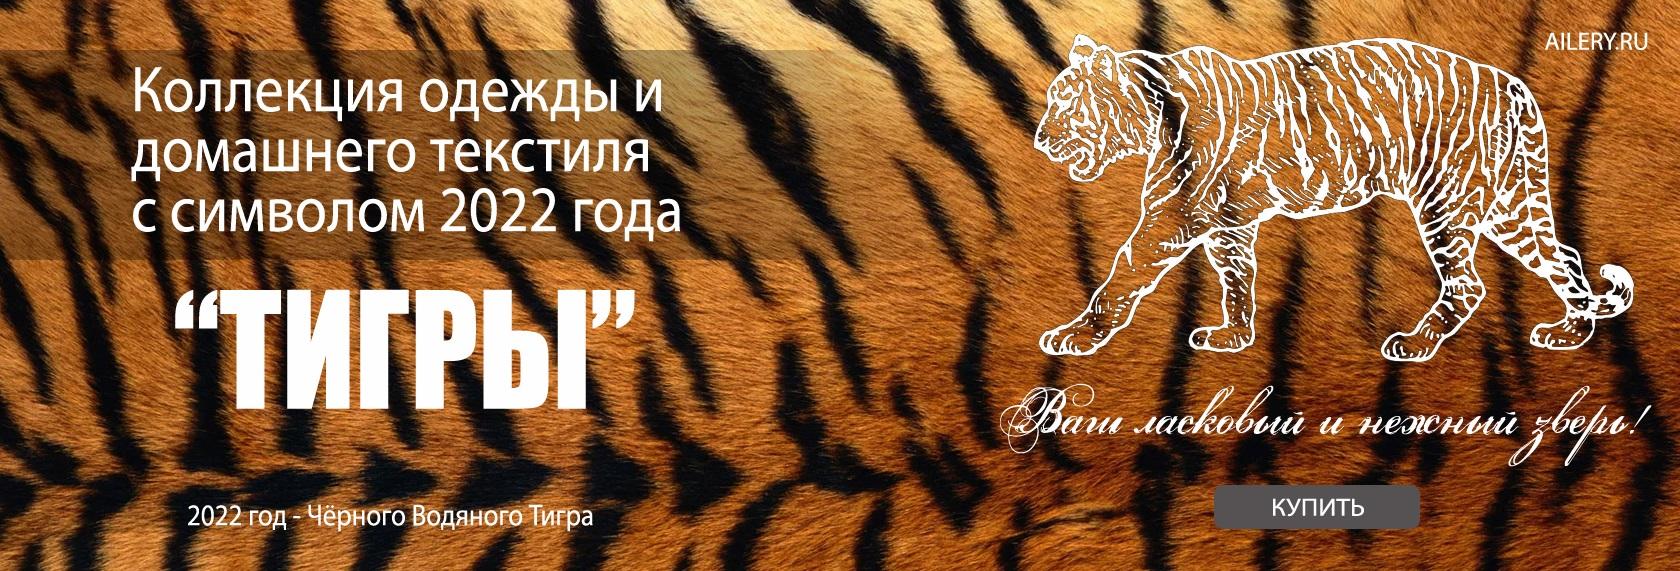 Одежда и текстиль с тиграми - символом 2022 года